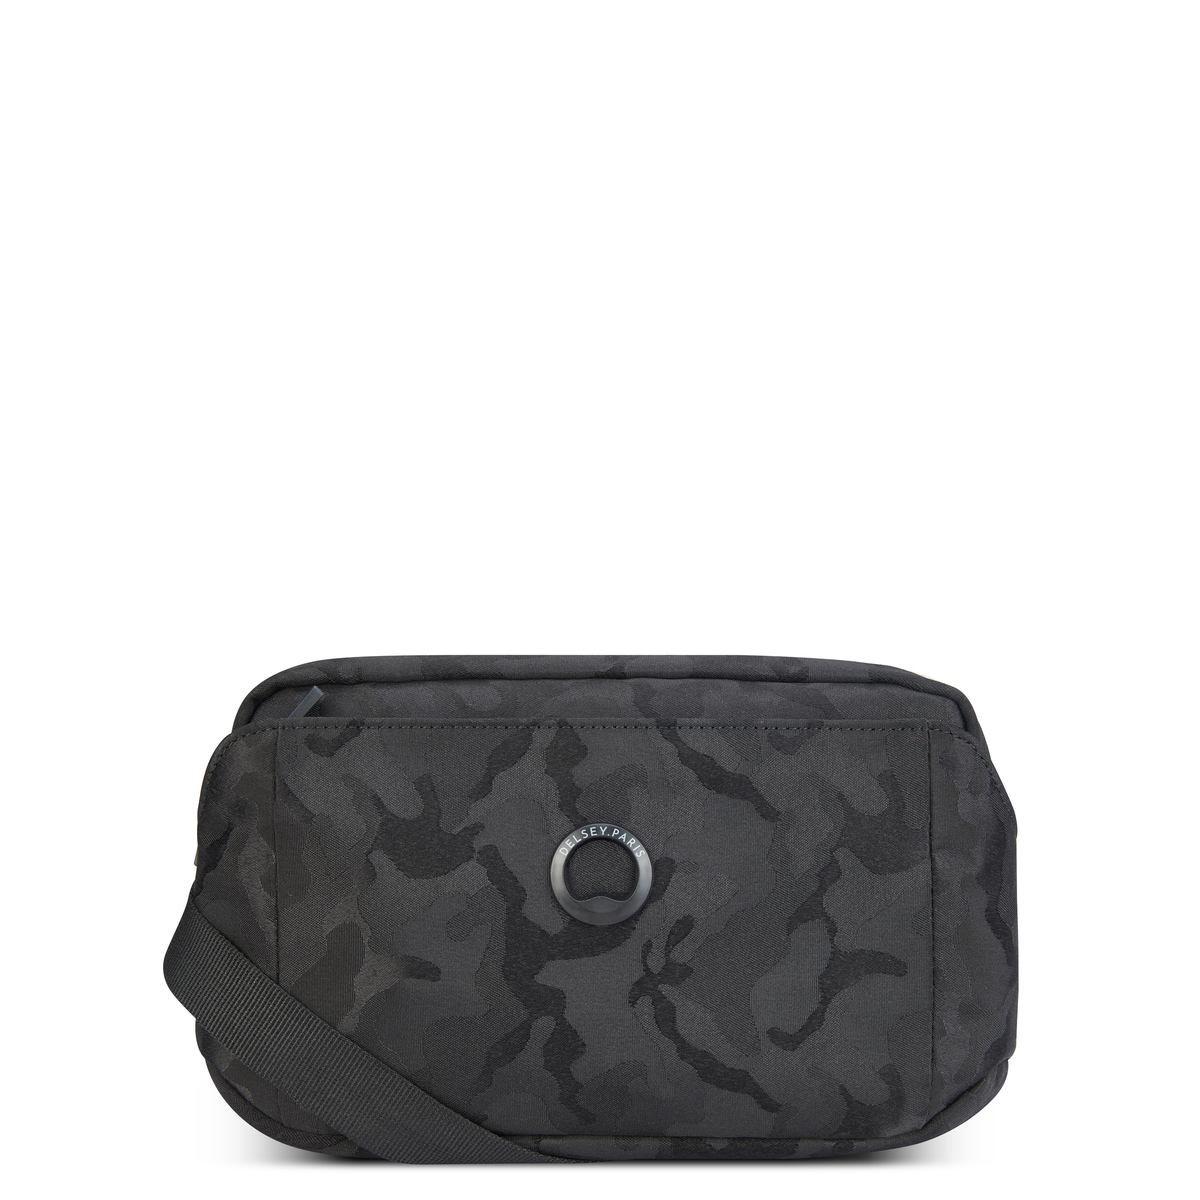 Delsey Τσαντάκι ώμου οριζόντιο 15x24x6cm σειρά Picpus Black Camouflage